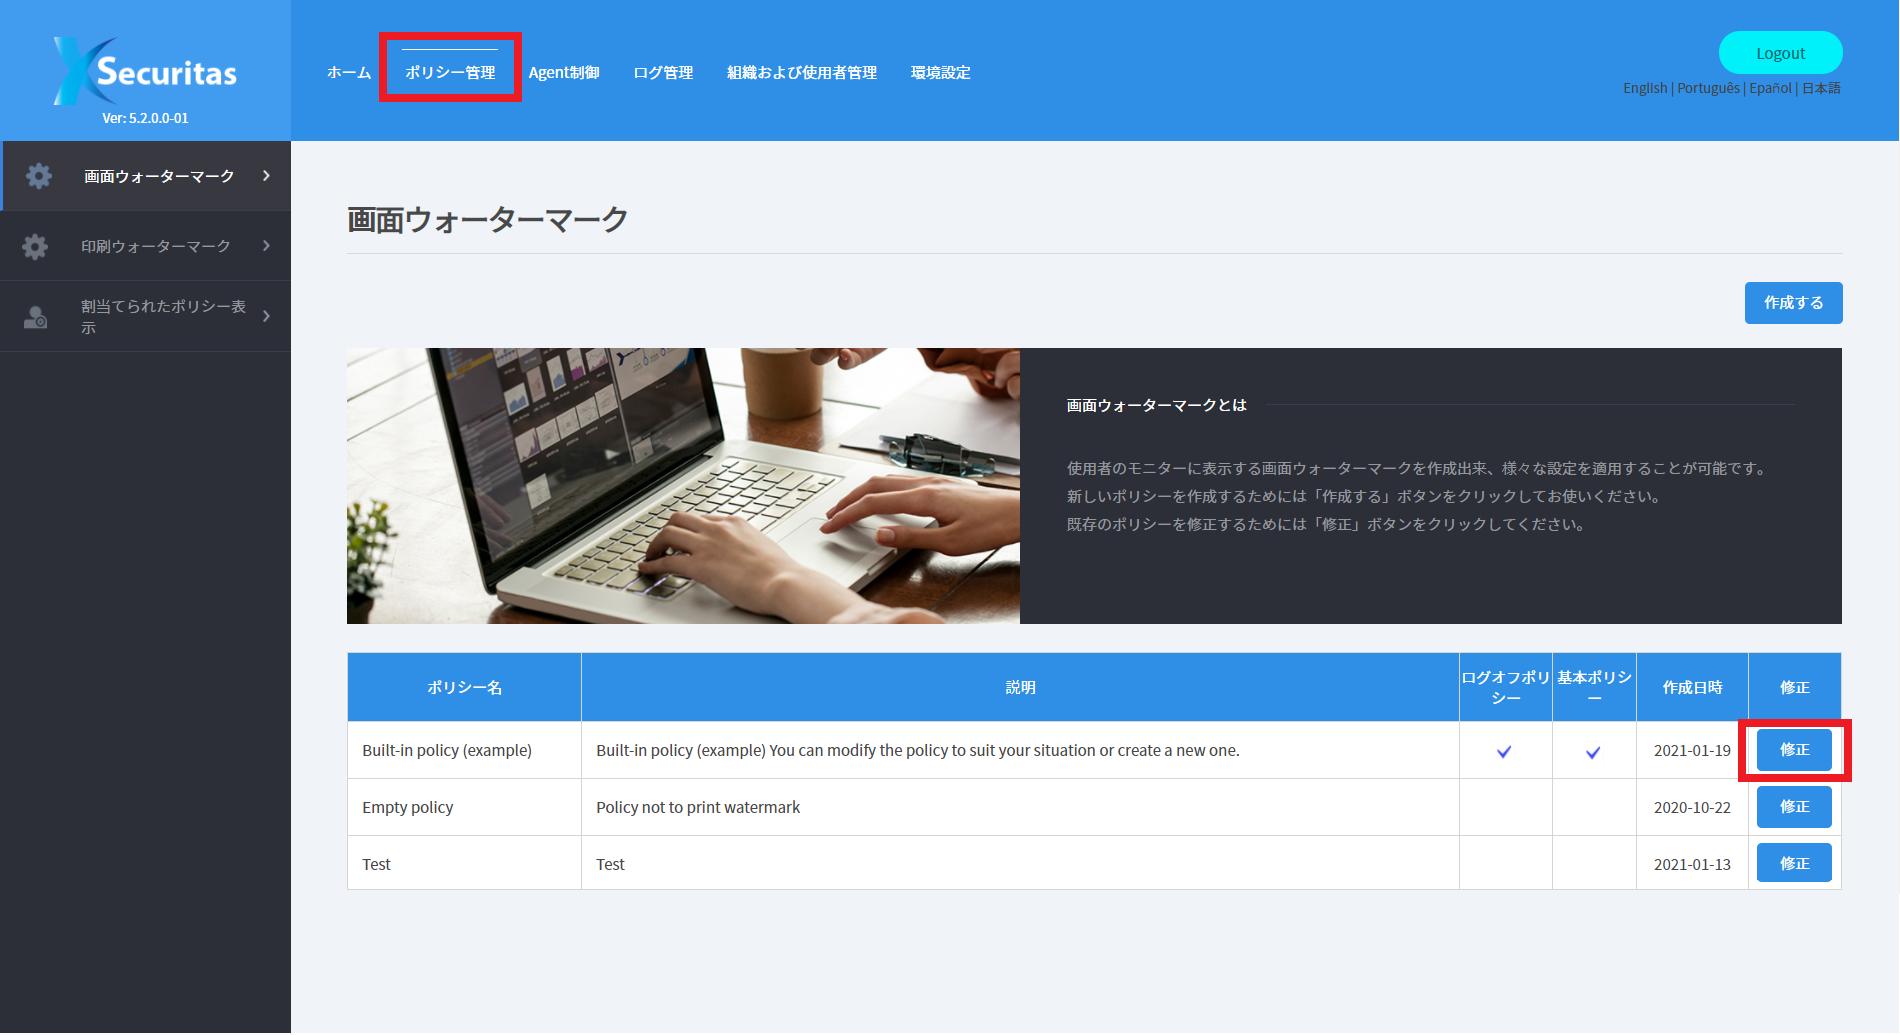 スクリーンウォーターマークのポリシー設定画面(Enterpriseエディション)